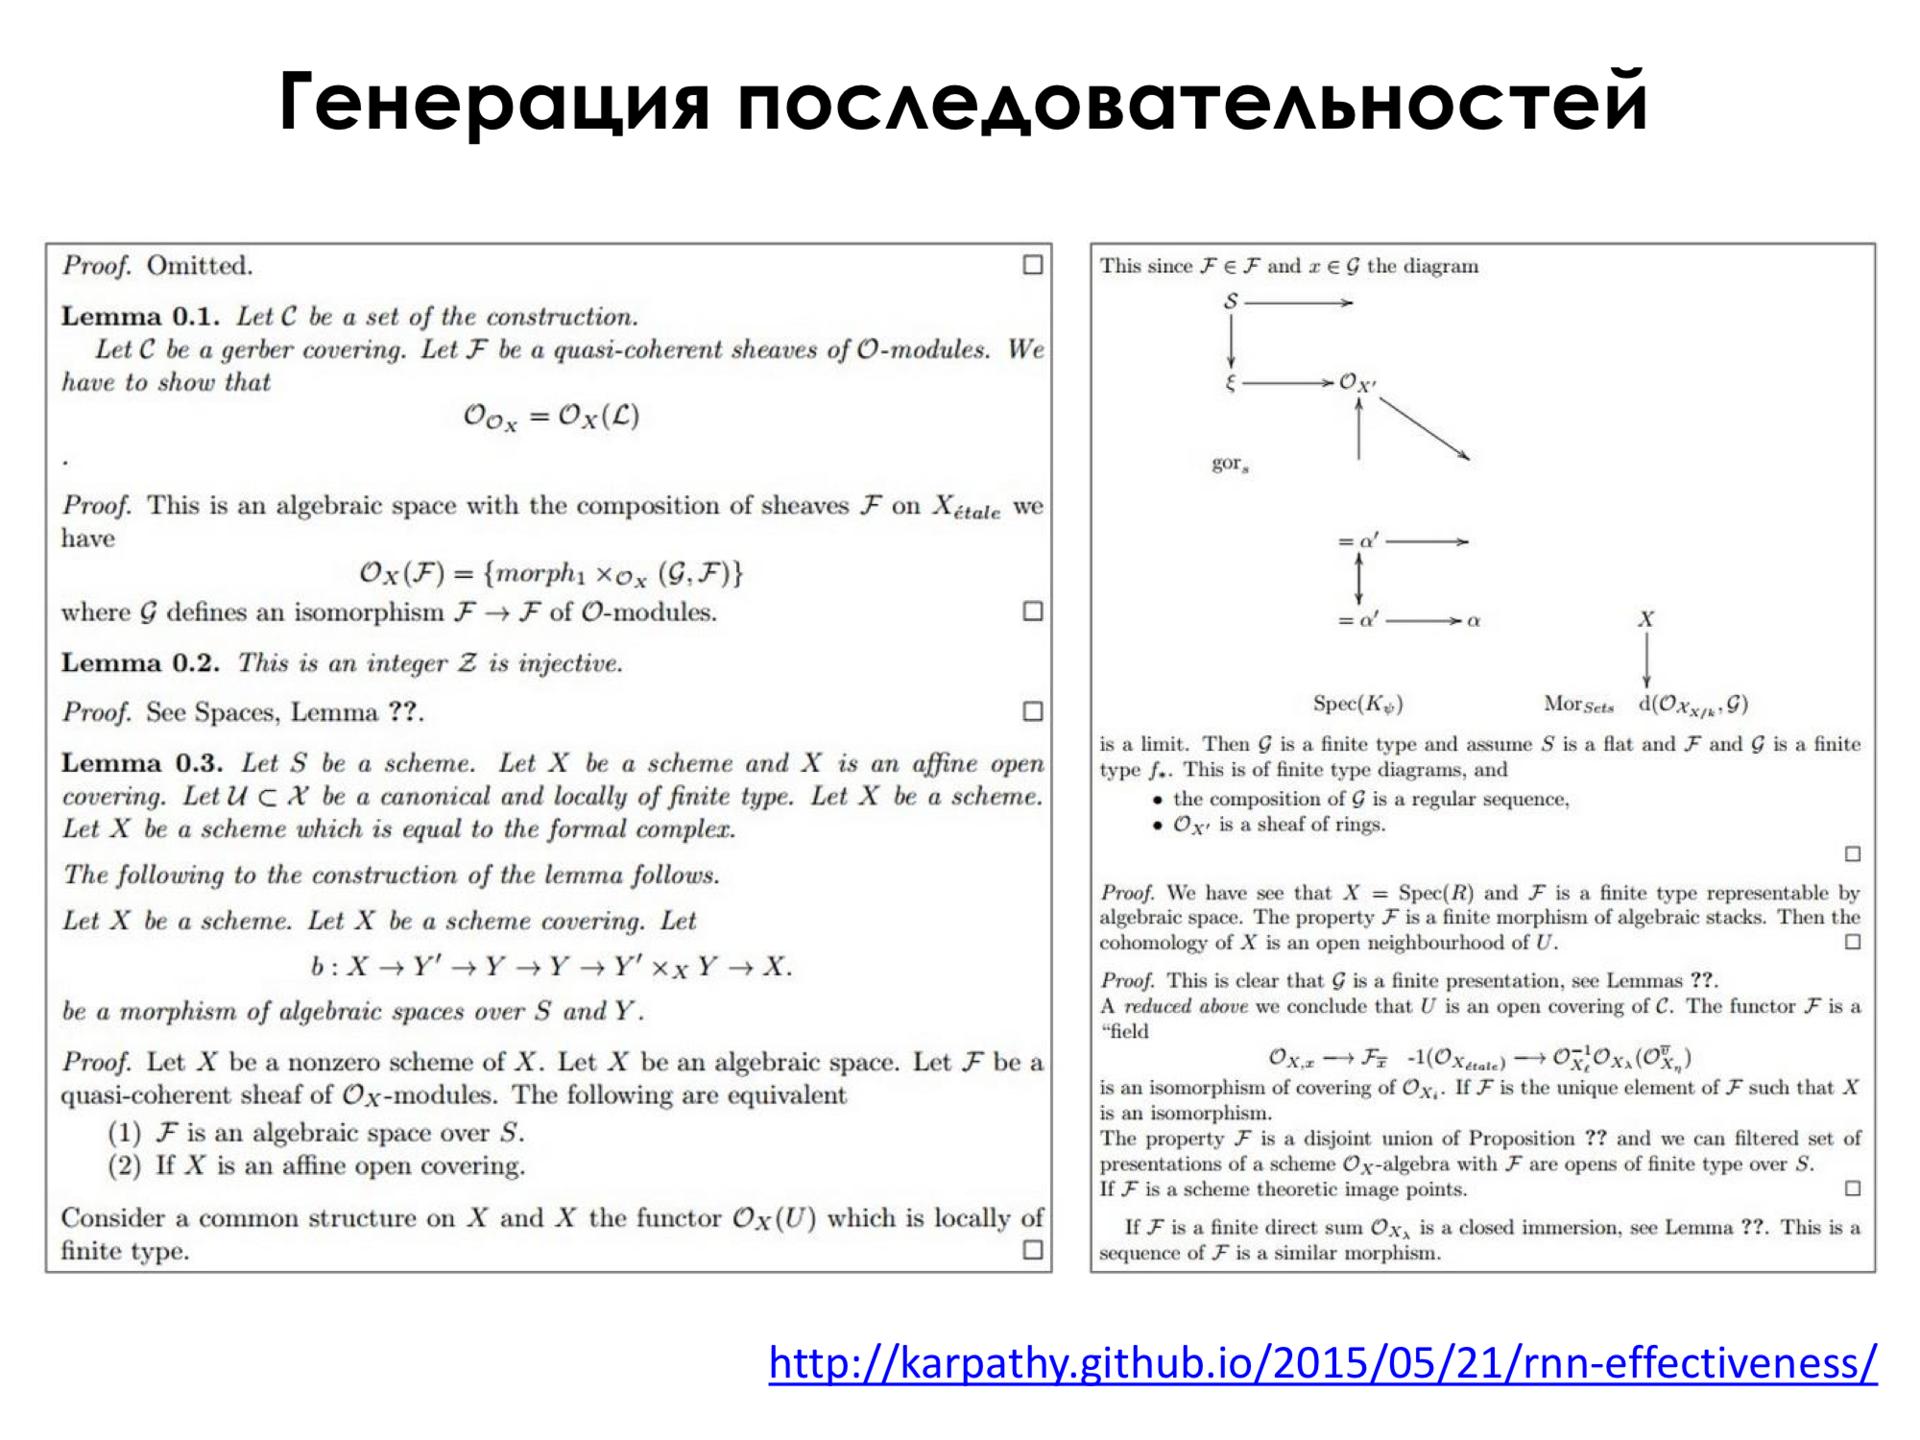 Самое главное о нейронных сетях. Лекция в Яндексе - 31